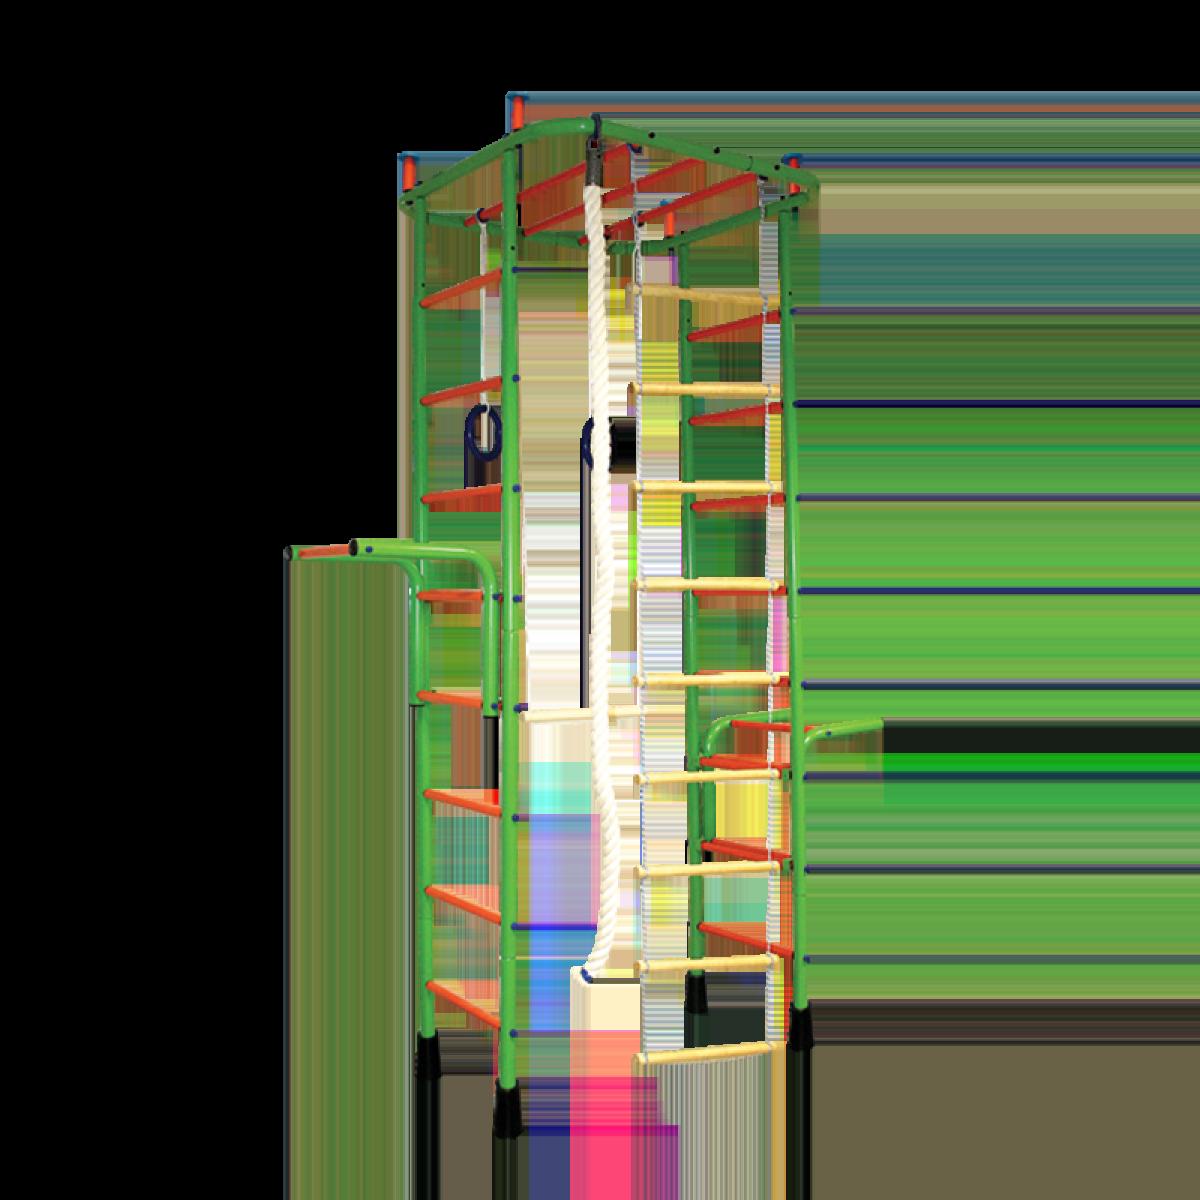 Шведская стенка (детский спортивный комплекс) №8 Альпинистик